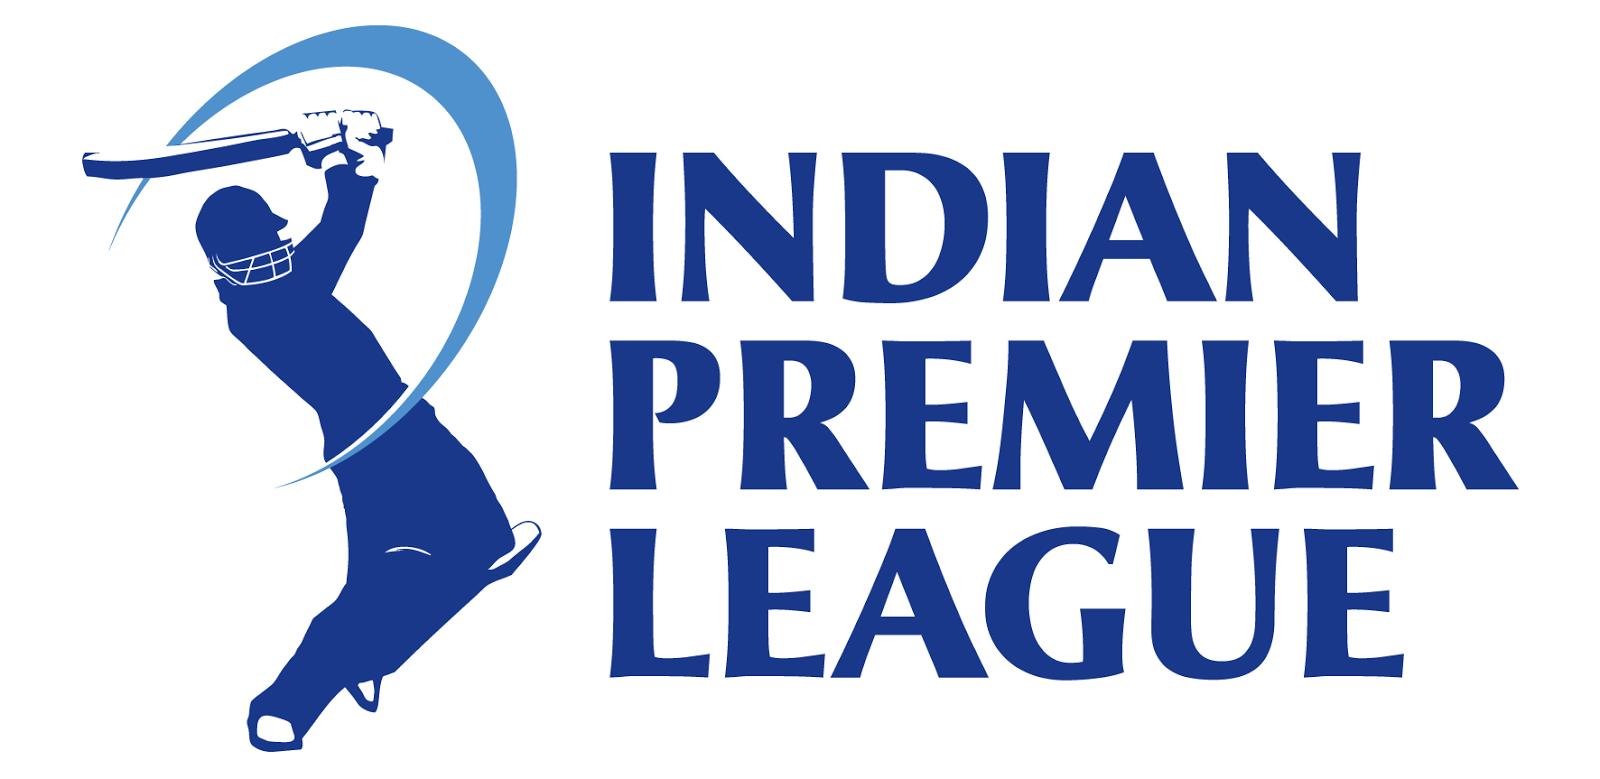 Champions League T20 Logo Png Indian Premier League 2014